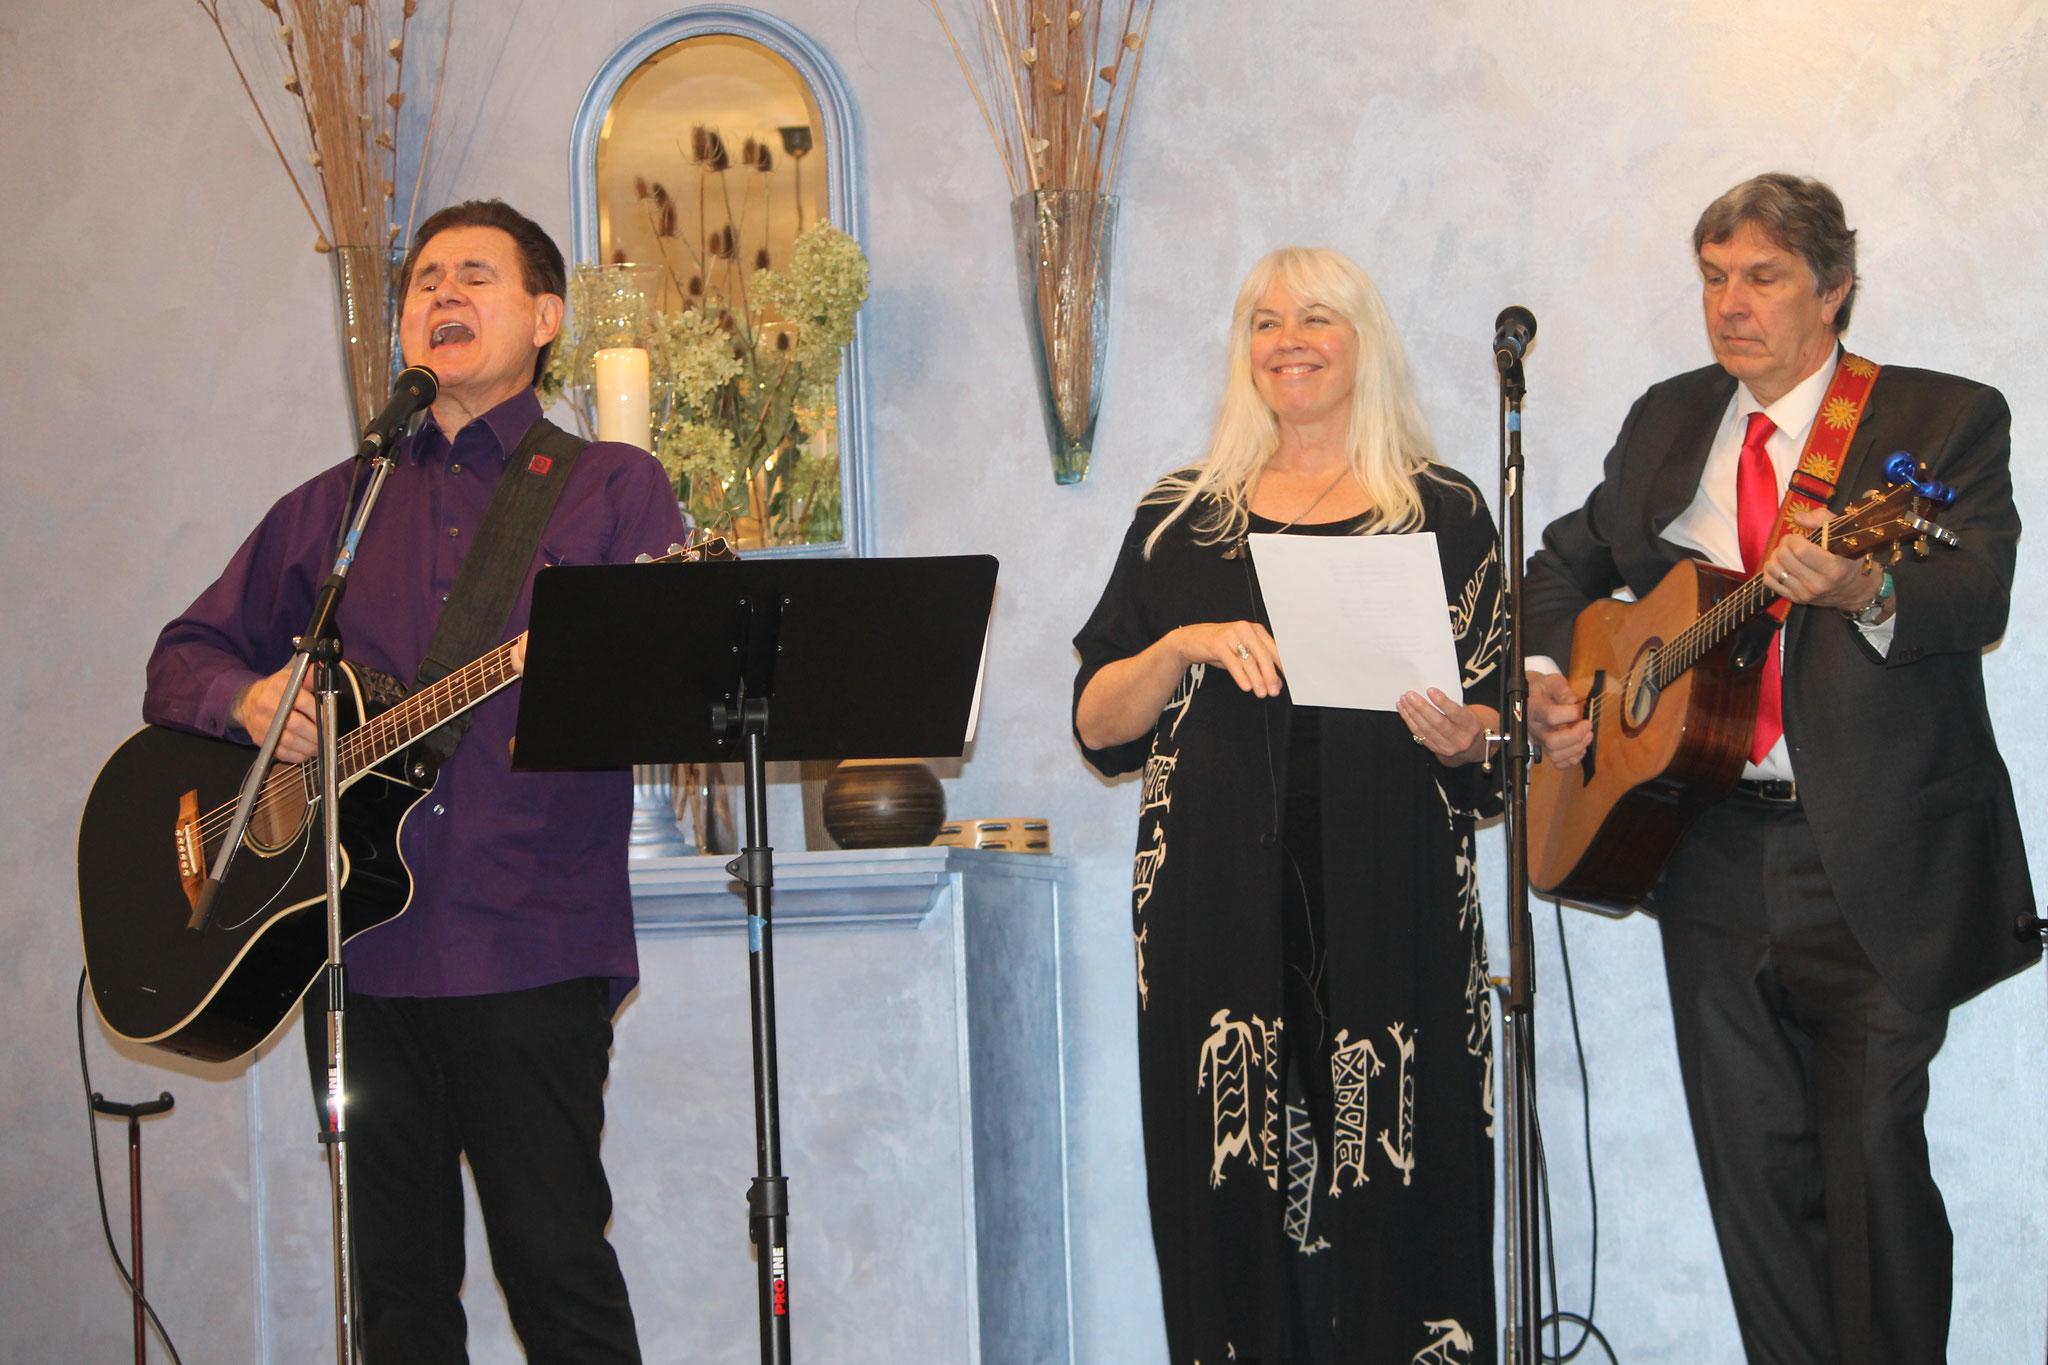 Harold Payne, Joanne Blum and Joe Lambert